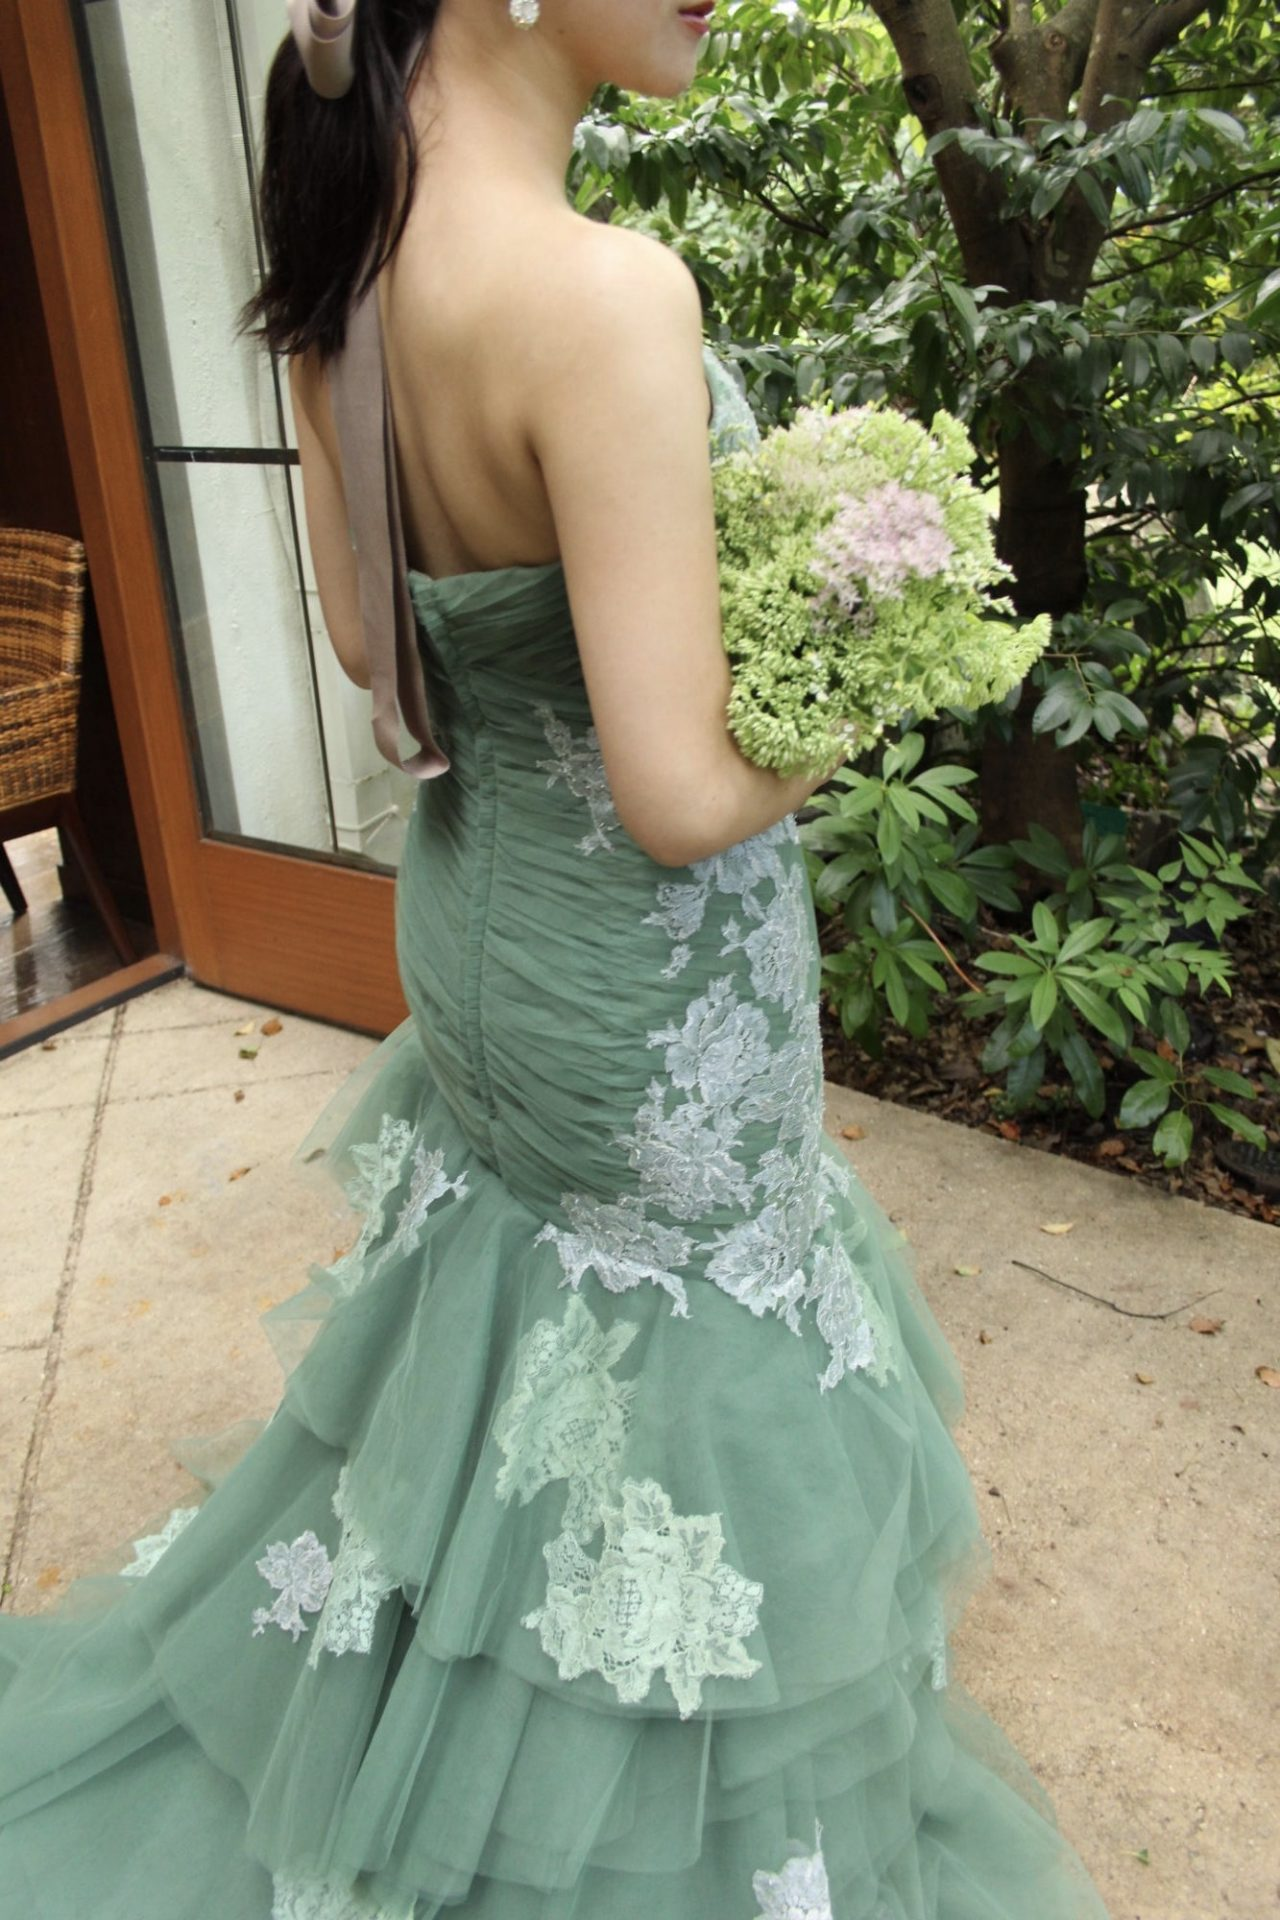 ザナンザンハウスにオススメのグリーンのカラードレスのご紹介